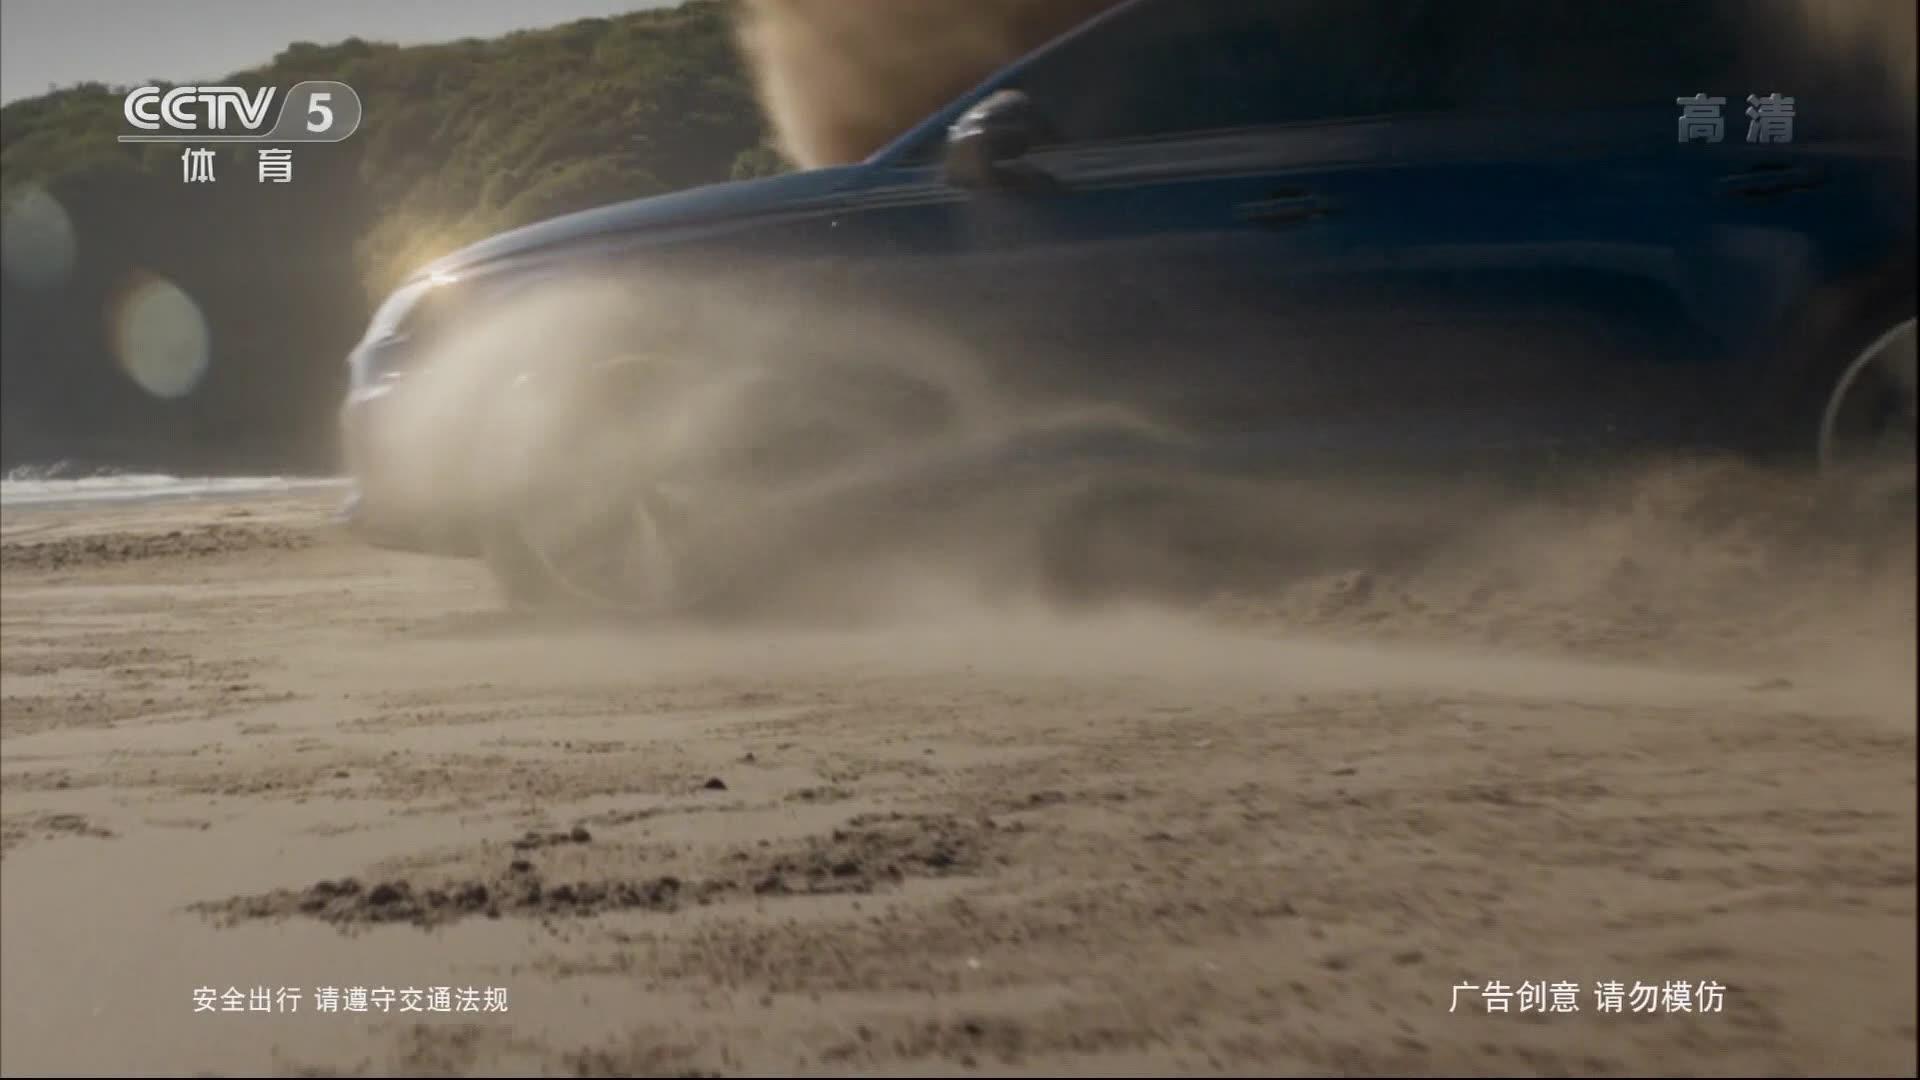 央视广告欣赏-奥迪RS 4 Avant